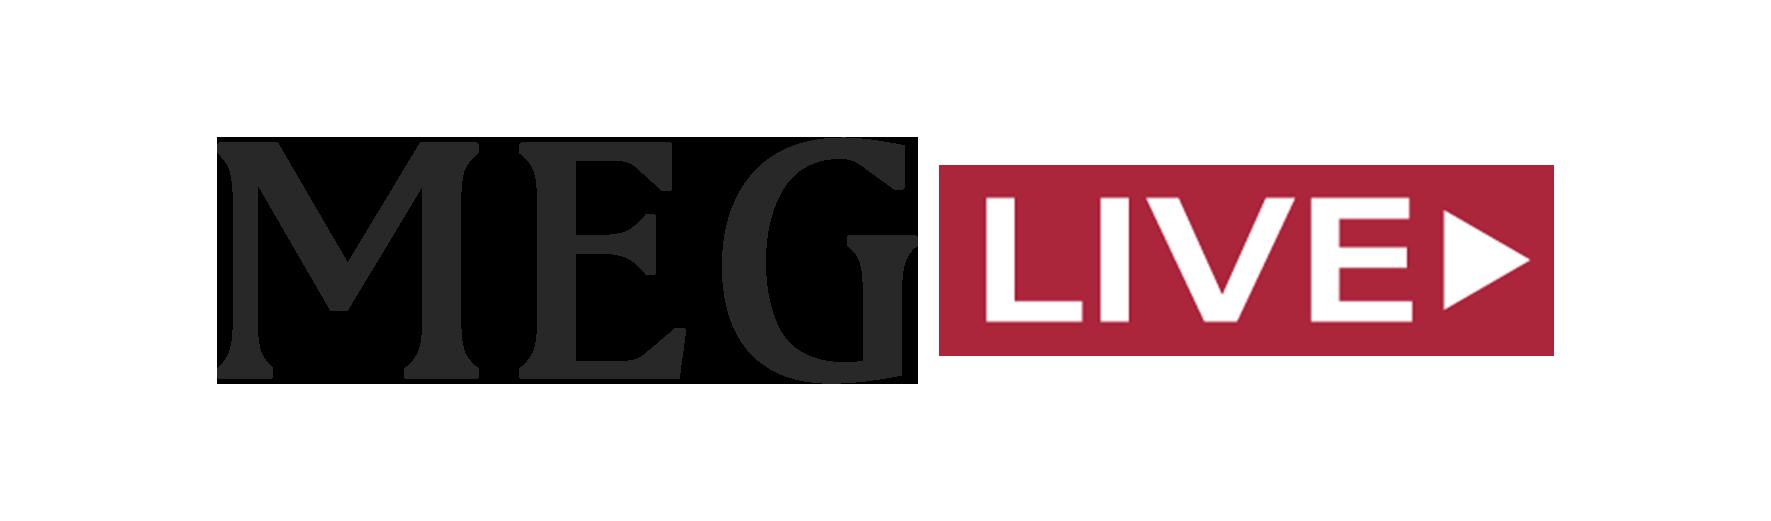 meg-live